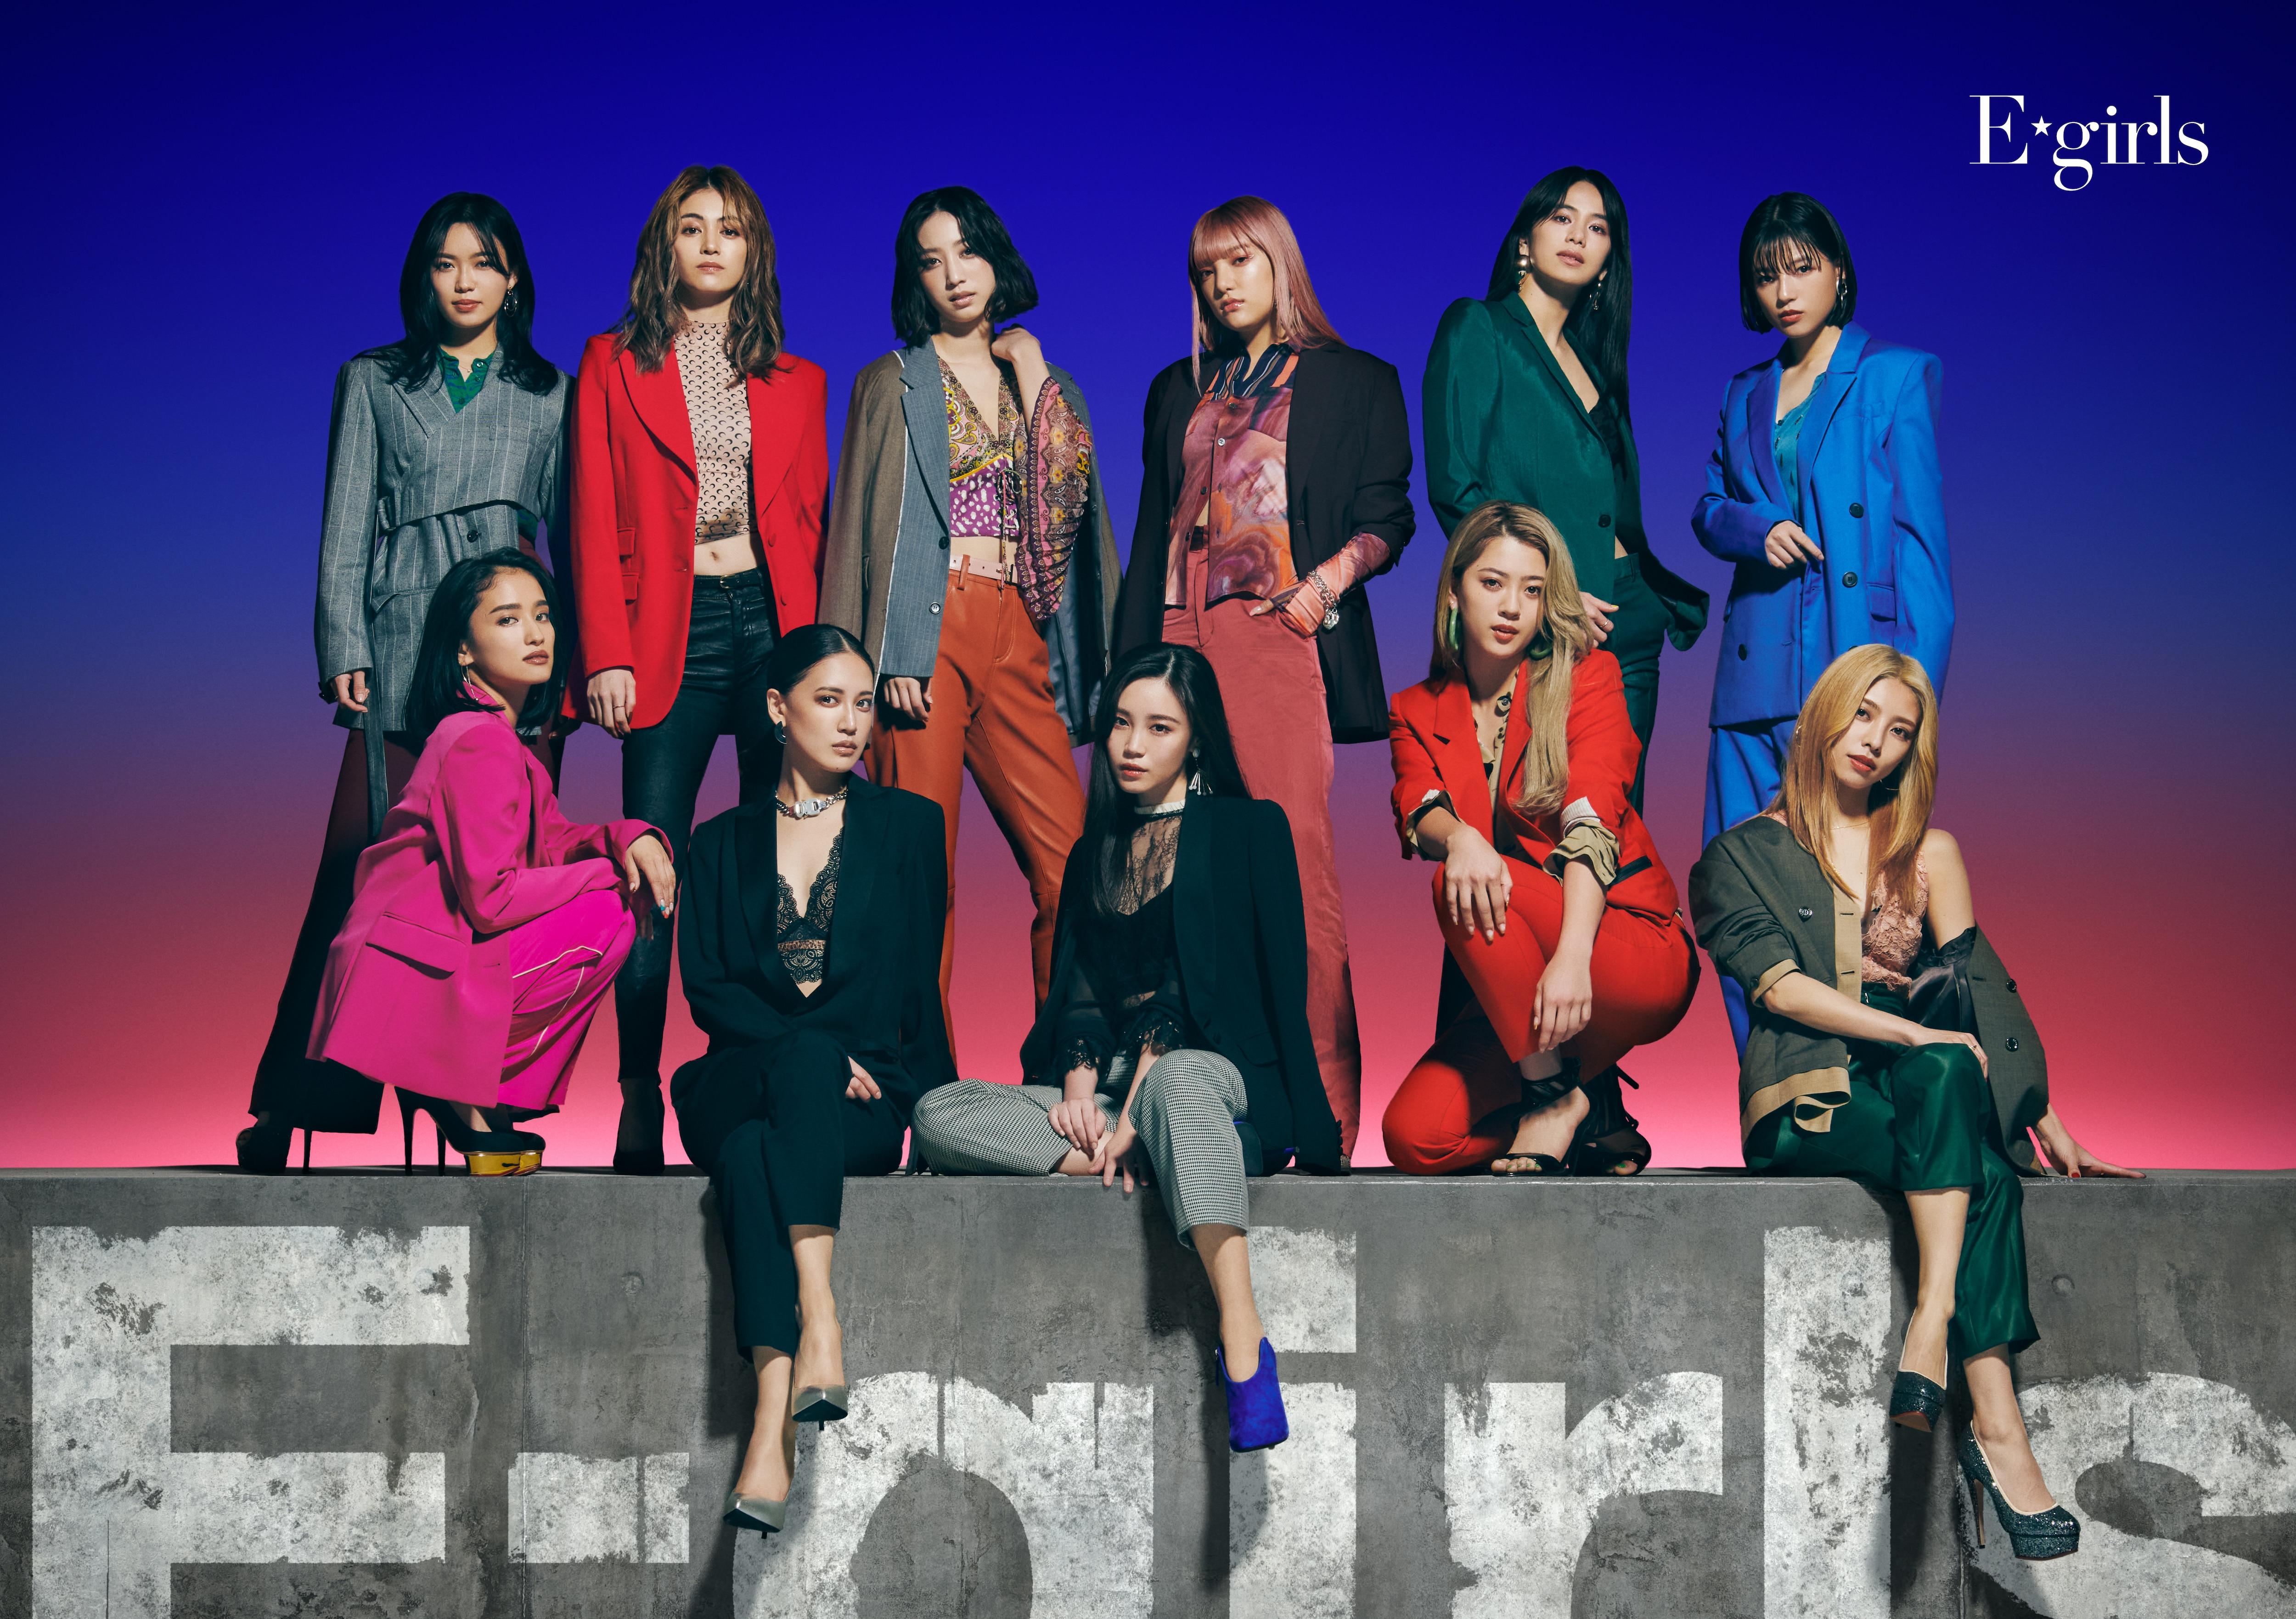 E-girls Best Album 「E-girls」【ALBUM2枚組+DVD2枚組(スマプラ対応)】